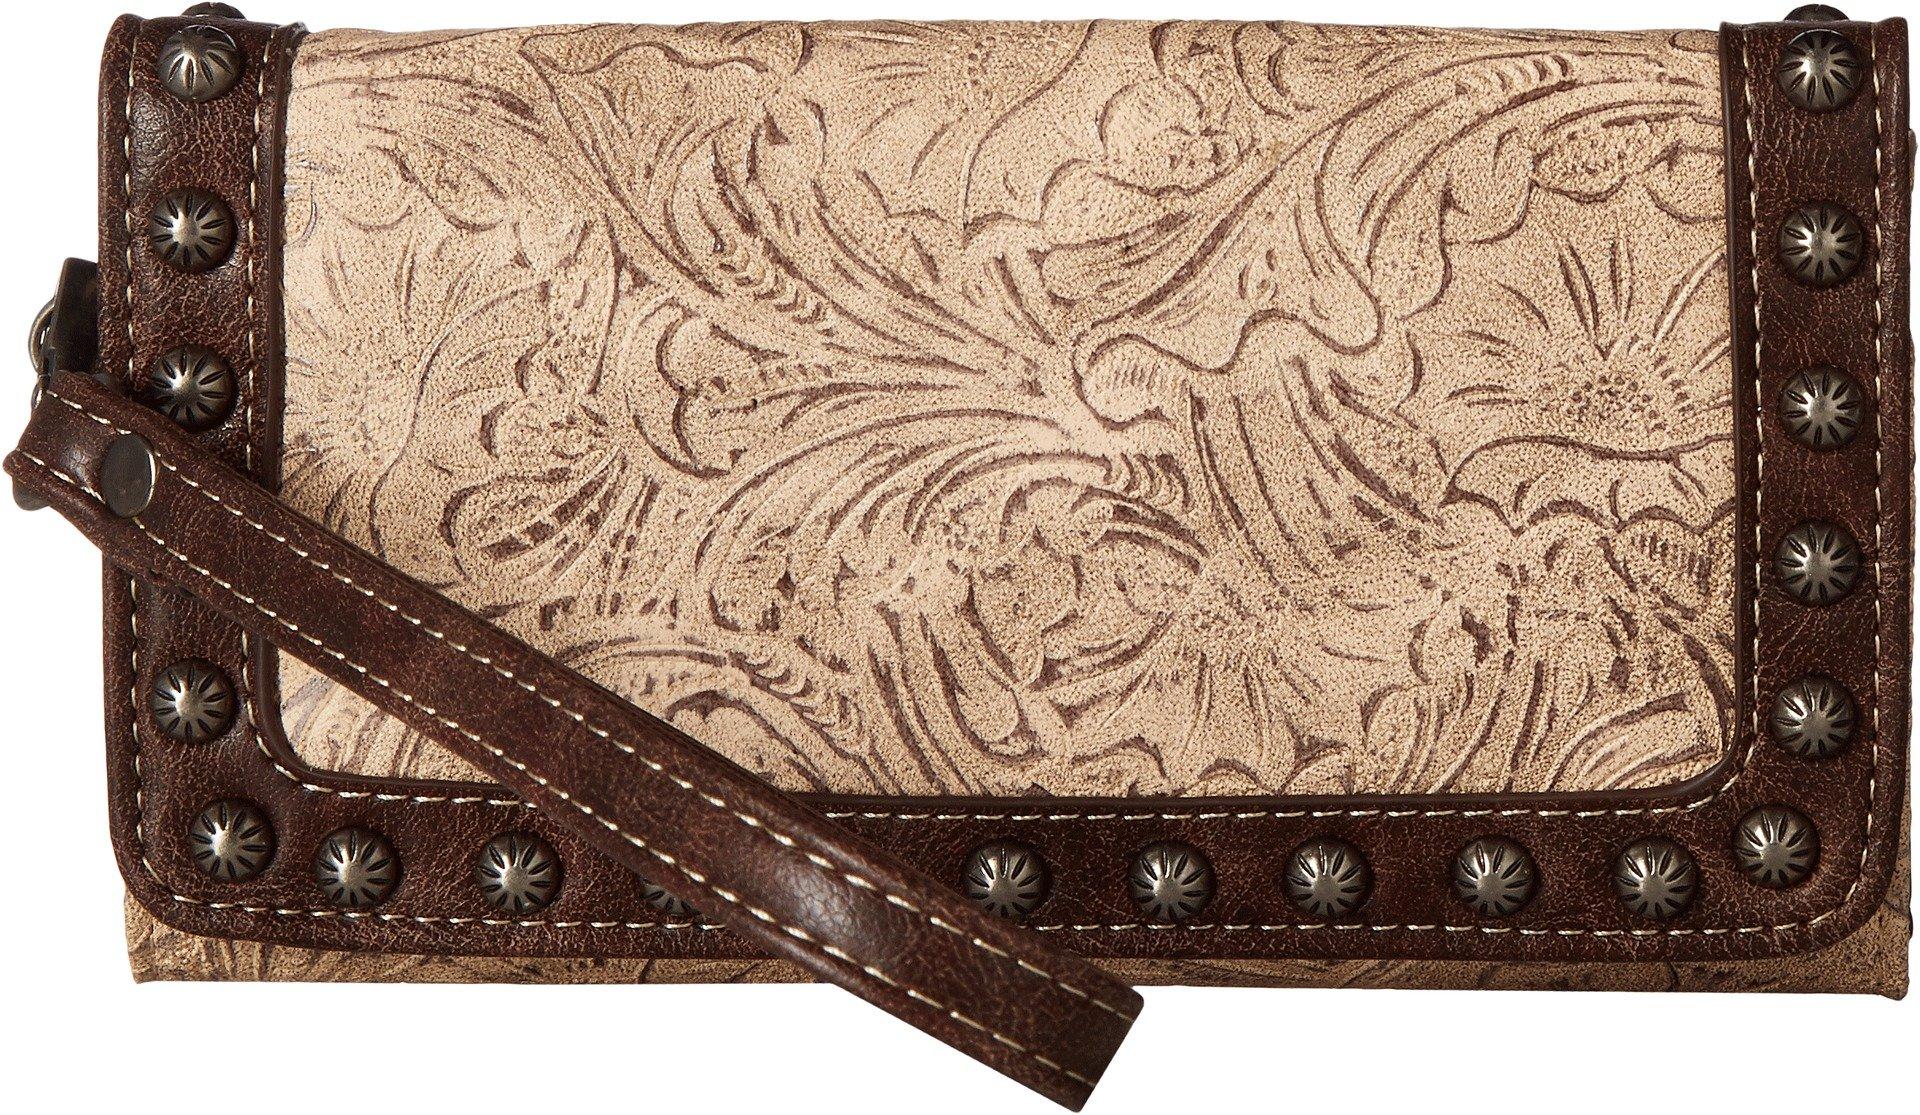 Blazin Roxx Women's Lydia Style Clutch Wallet, Taupe, Chocolate, OS by Blazin Roxx